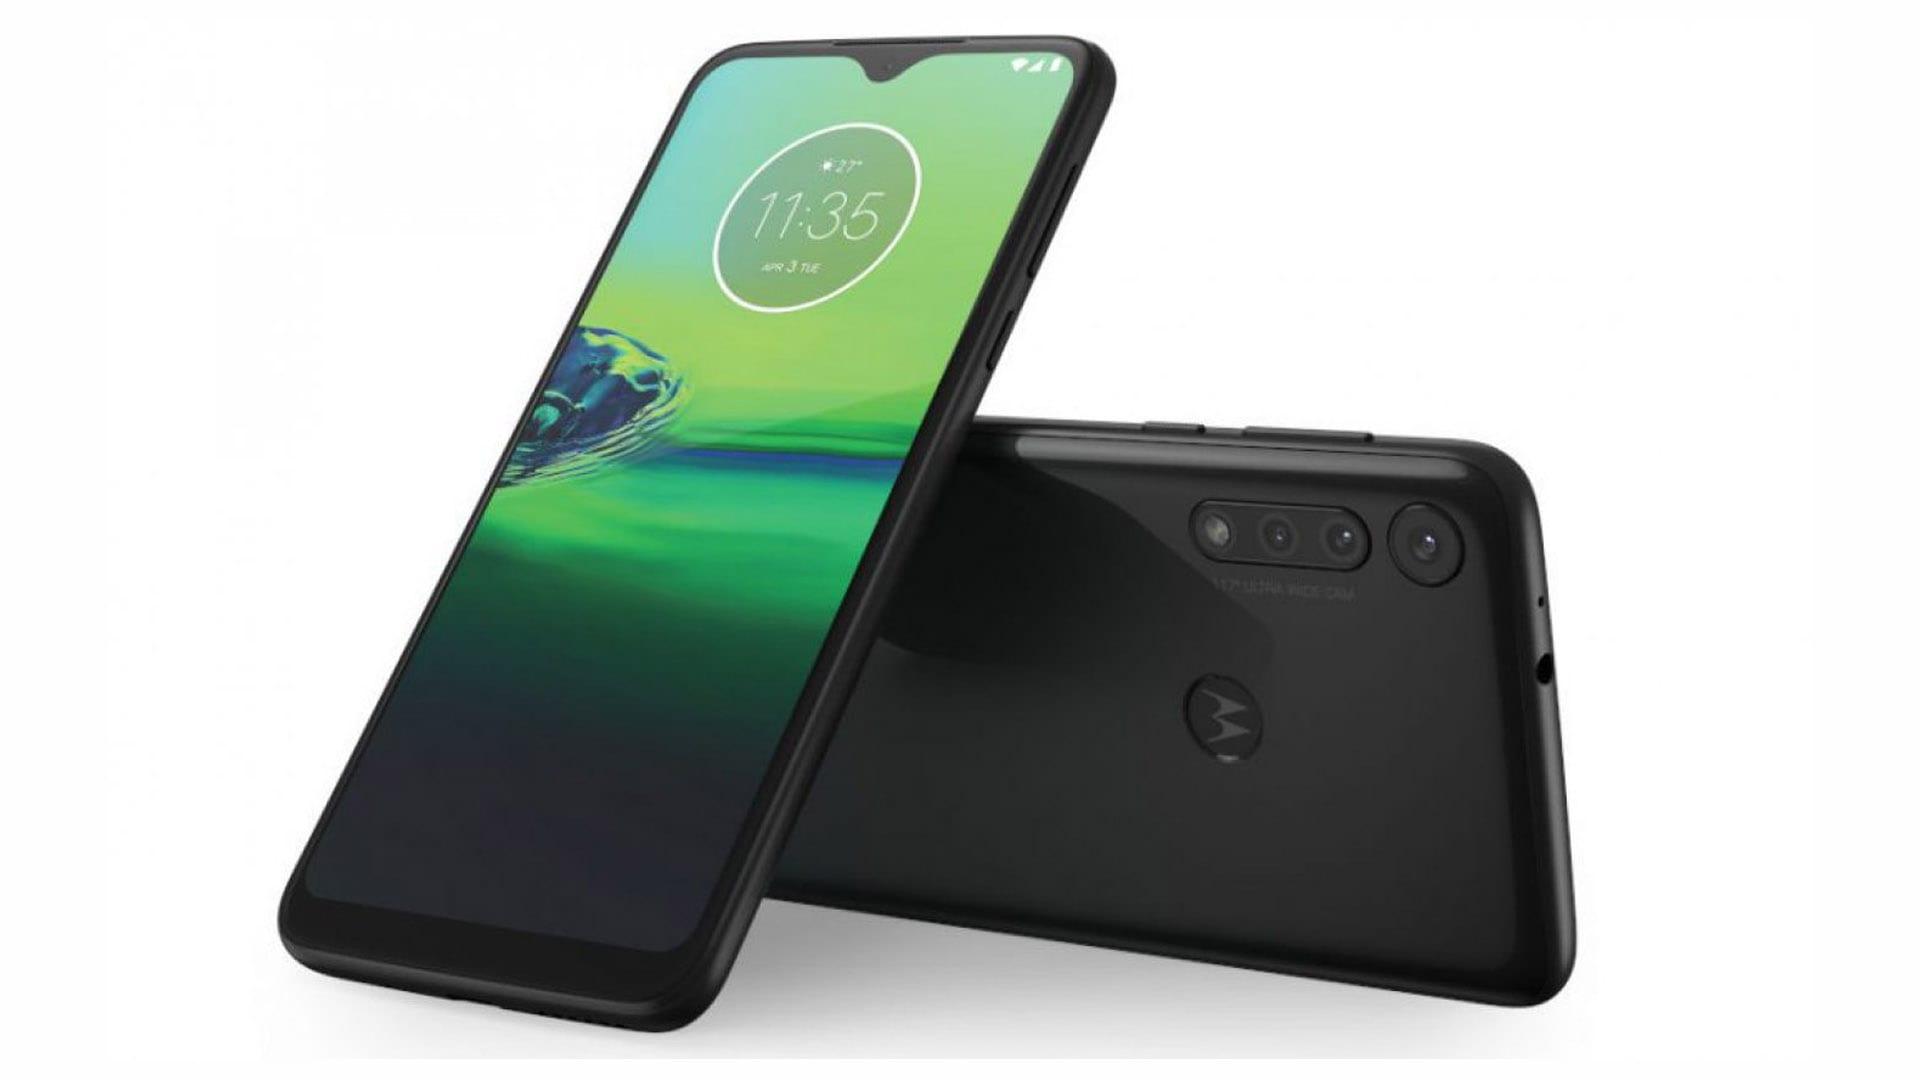 شركة Motorola تكشف عن هاتفها الجديد Moto G8 Play بثلاث كاميرات خلفية وبسعر يبدأ من 272 دولار